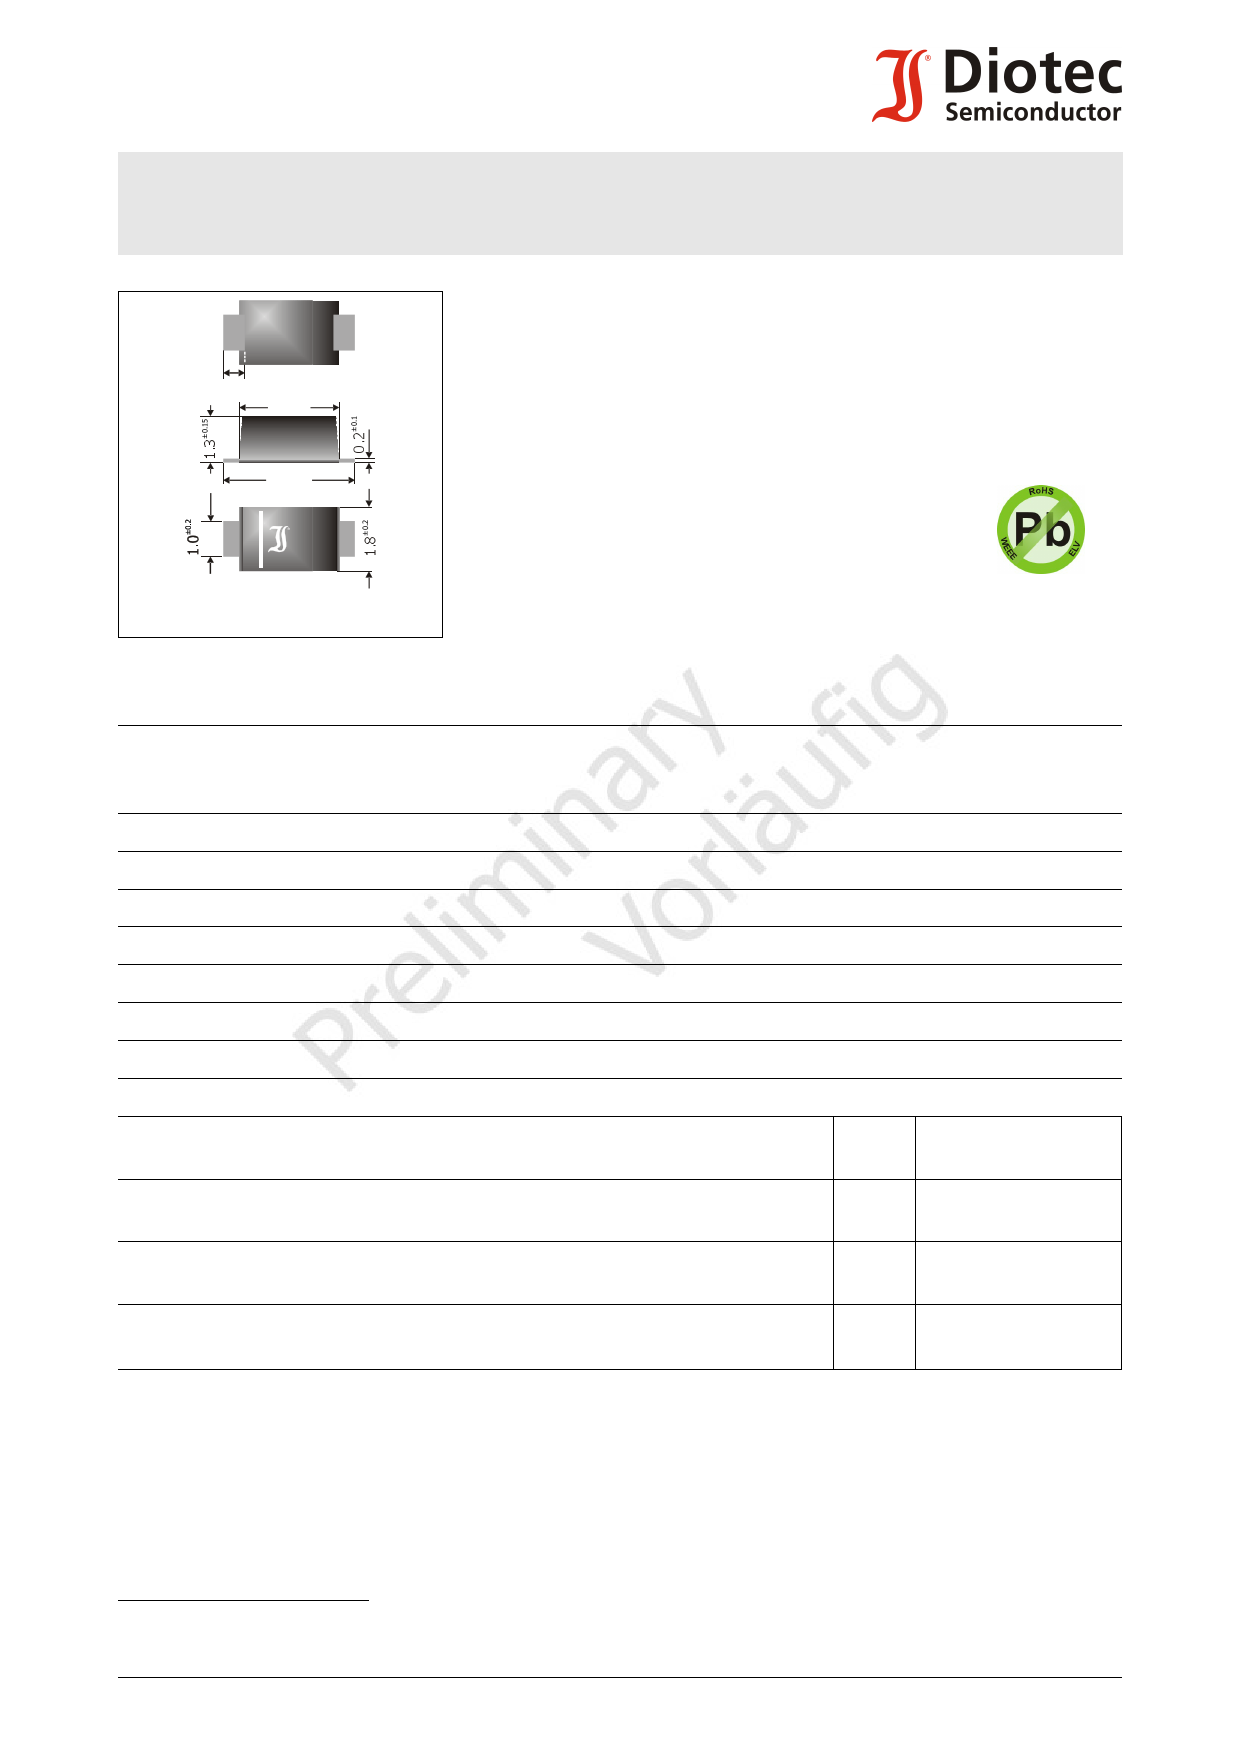 USL1B datasheet